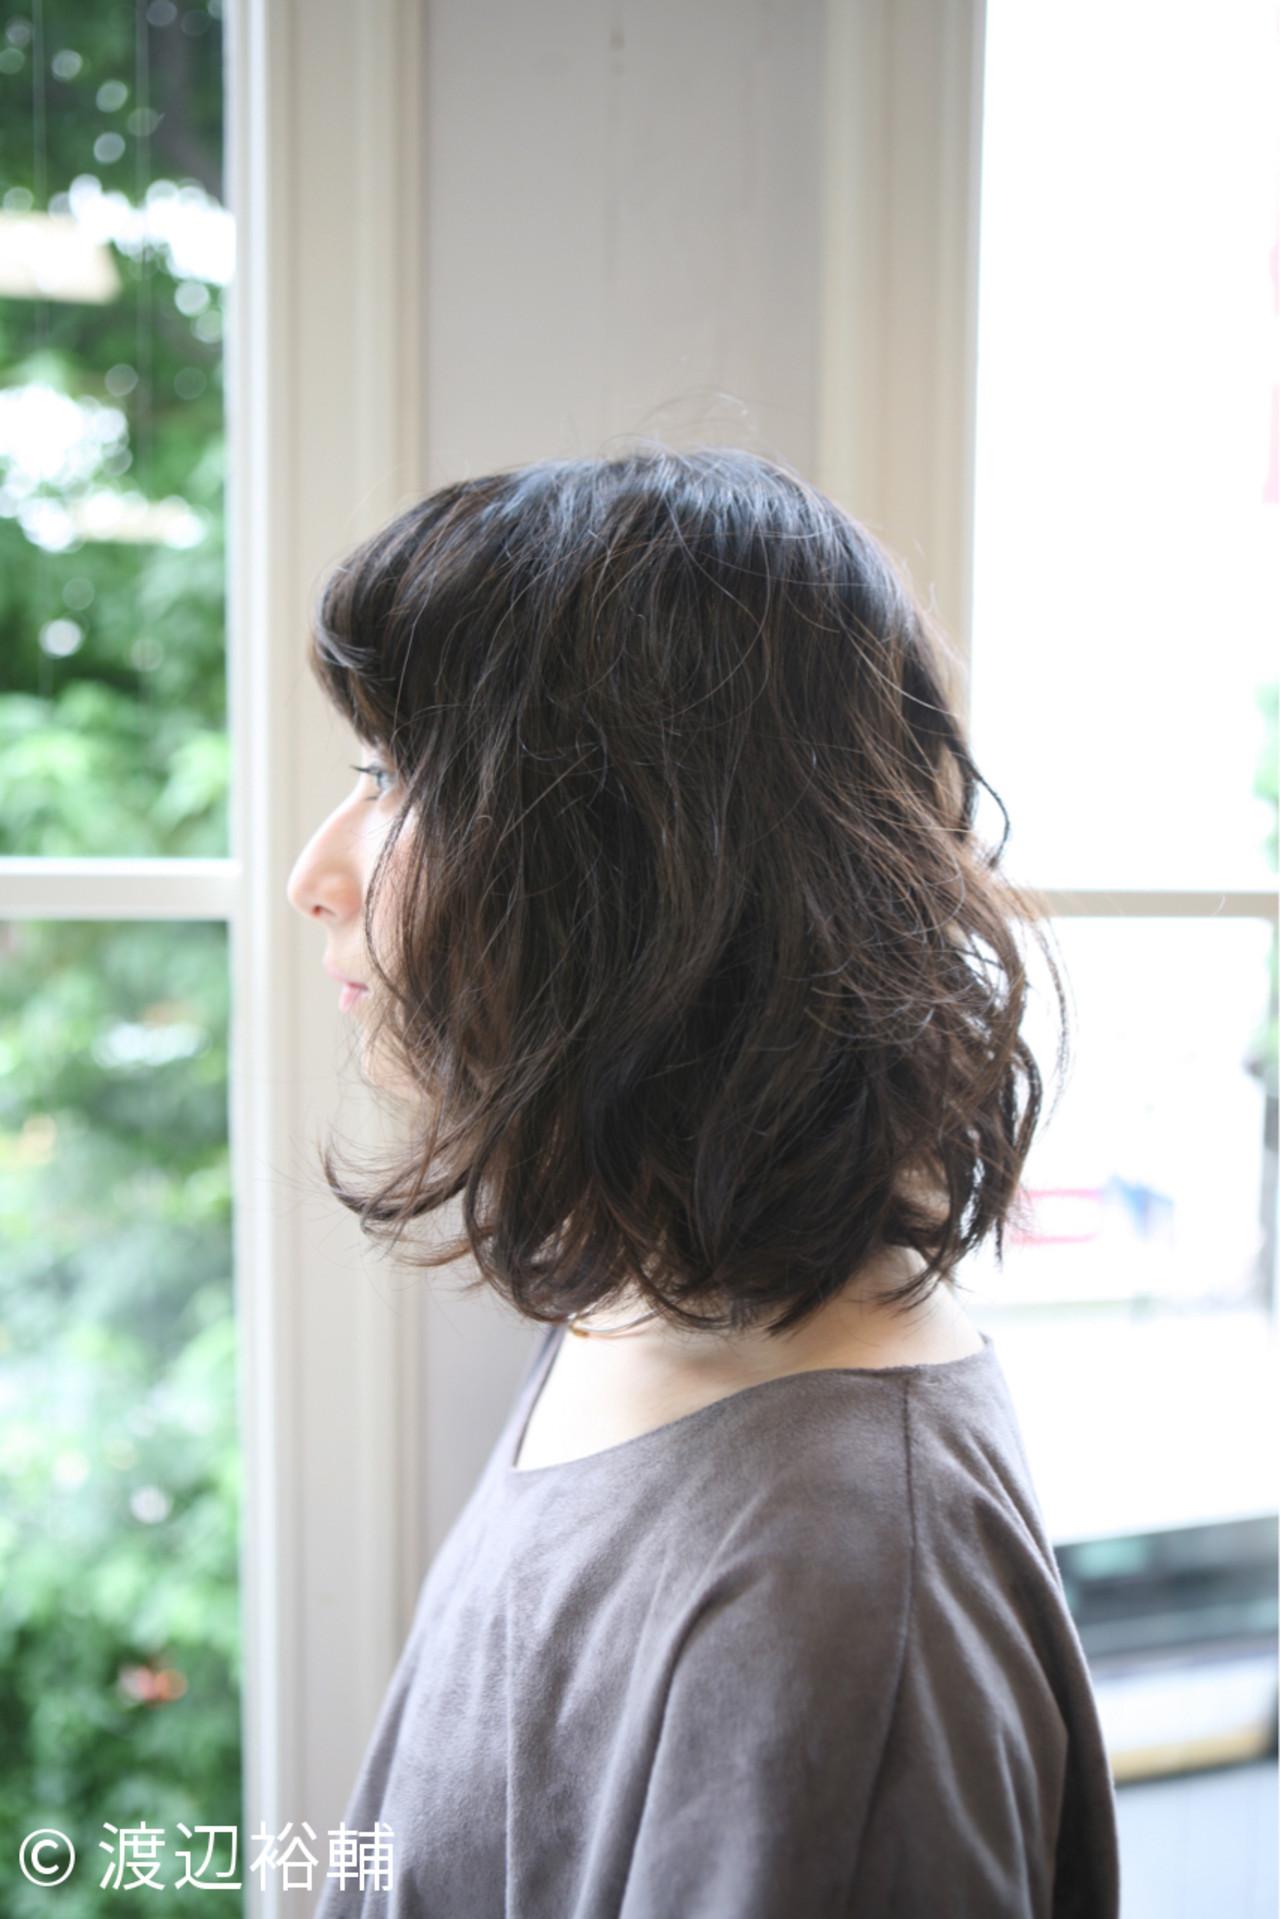 暗髪 セミロング 外国人風 ゆるふわ ヘアスタイルや髪型の写真・画像 | 渡辺裕輔 / ROOTS